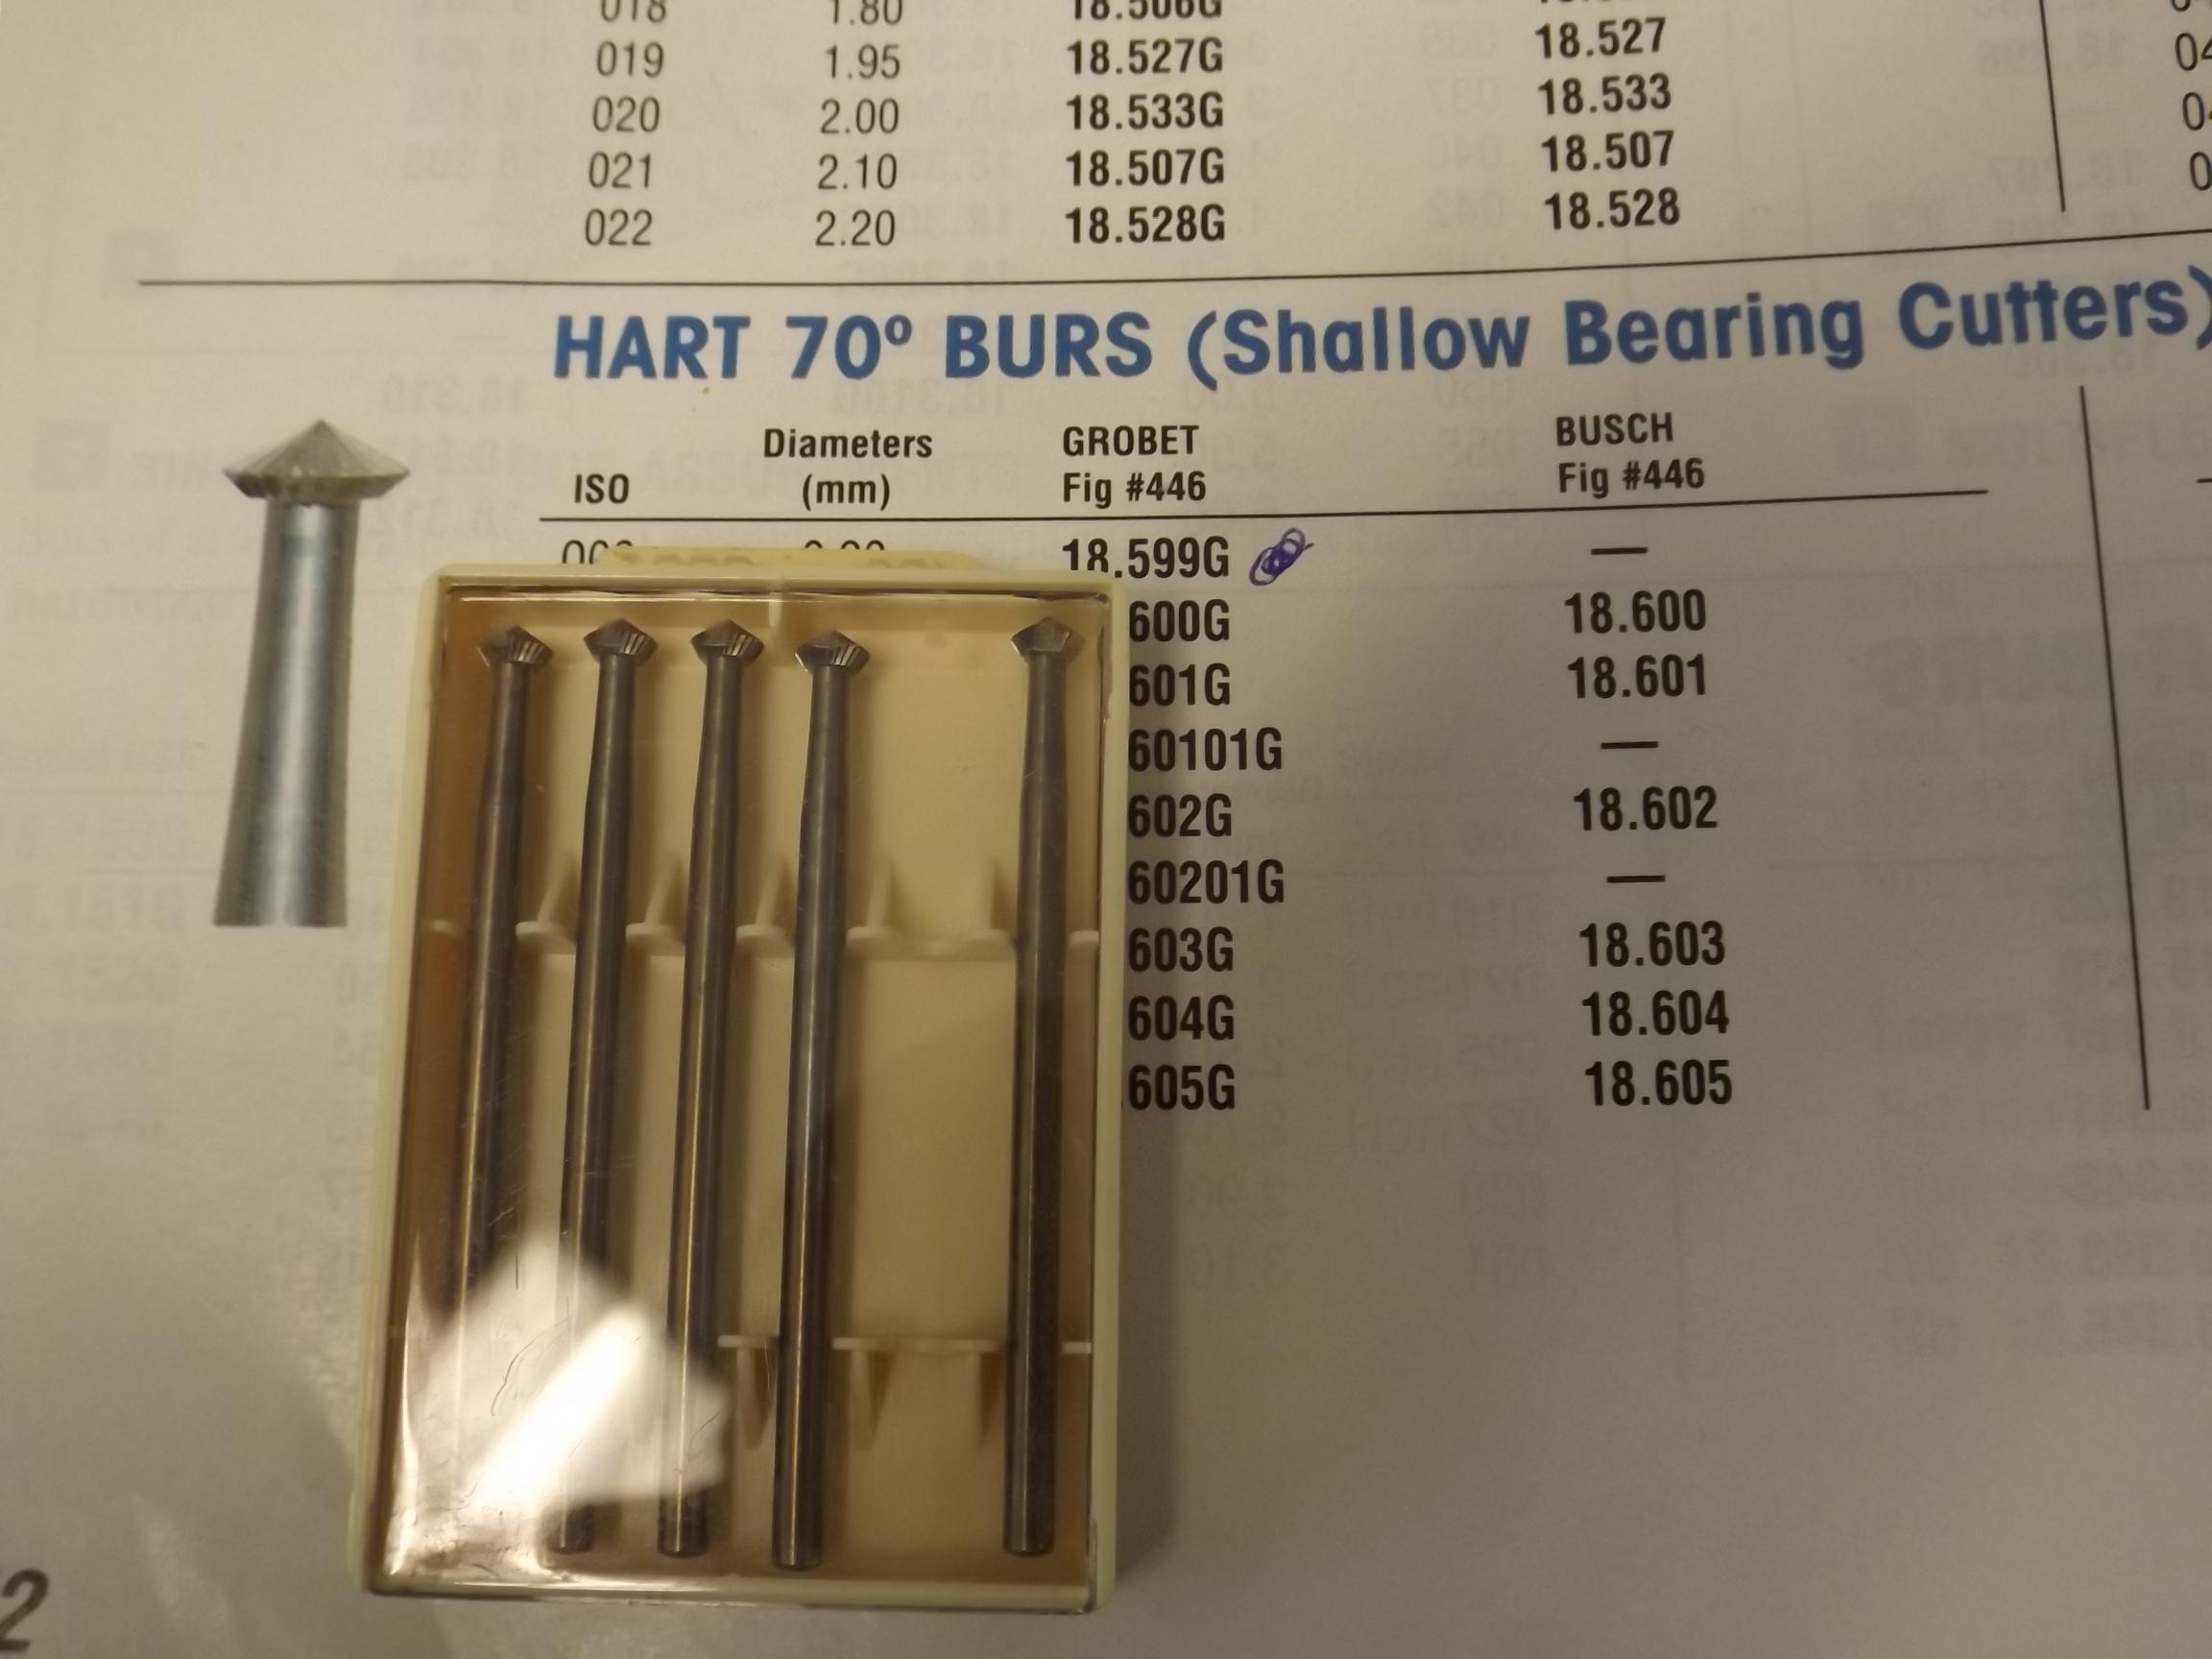 BR446/9 Grobet Brand Bur, 70° Hart, Fig. 446, Size 025- # 18.607